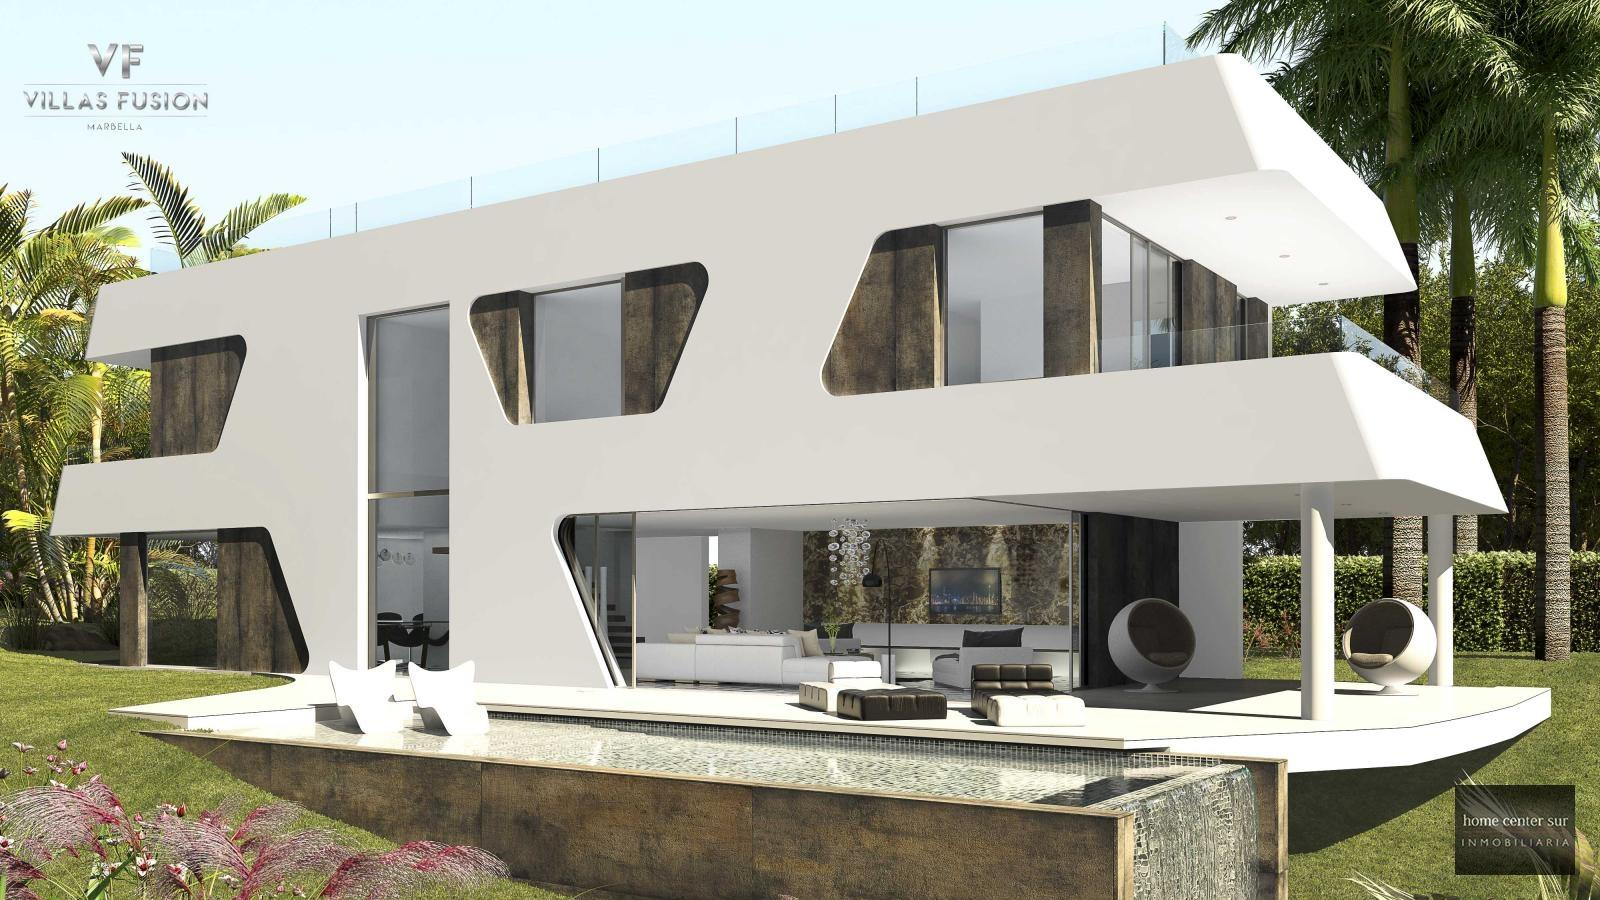 Luxuriöse Villa zum verkauf in El Campanario (Estepona), 995.000 €